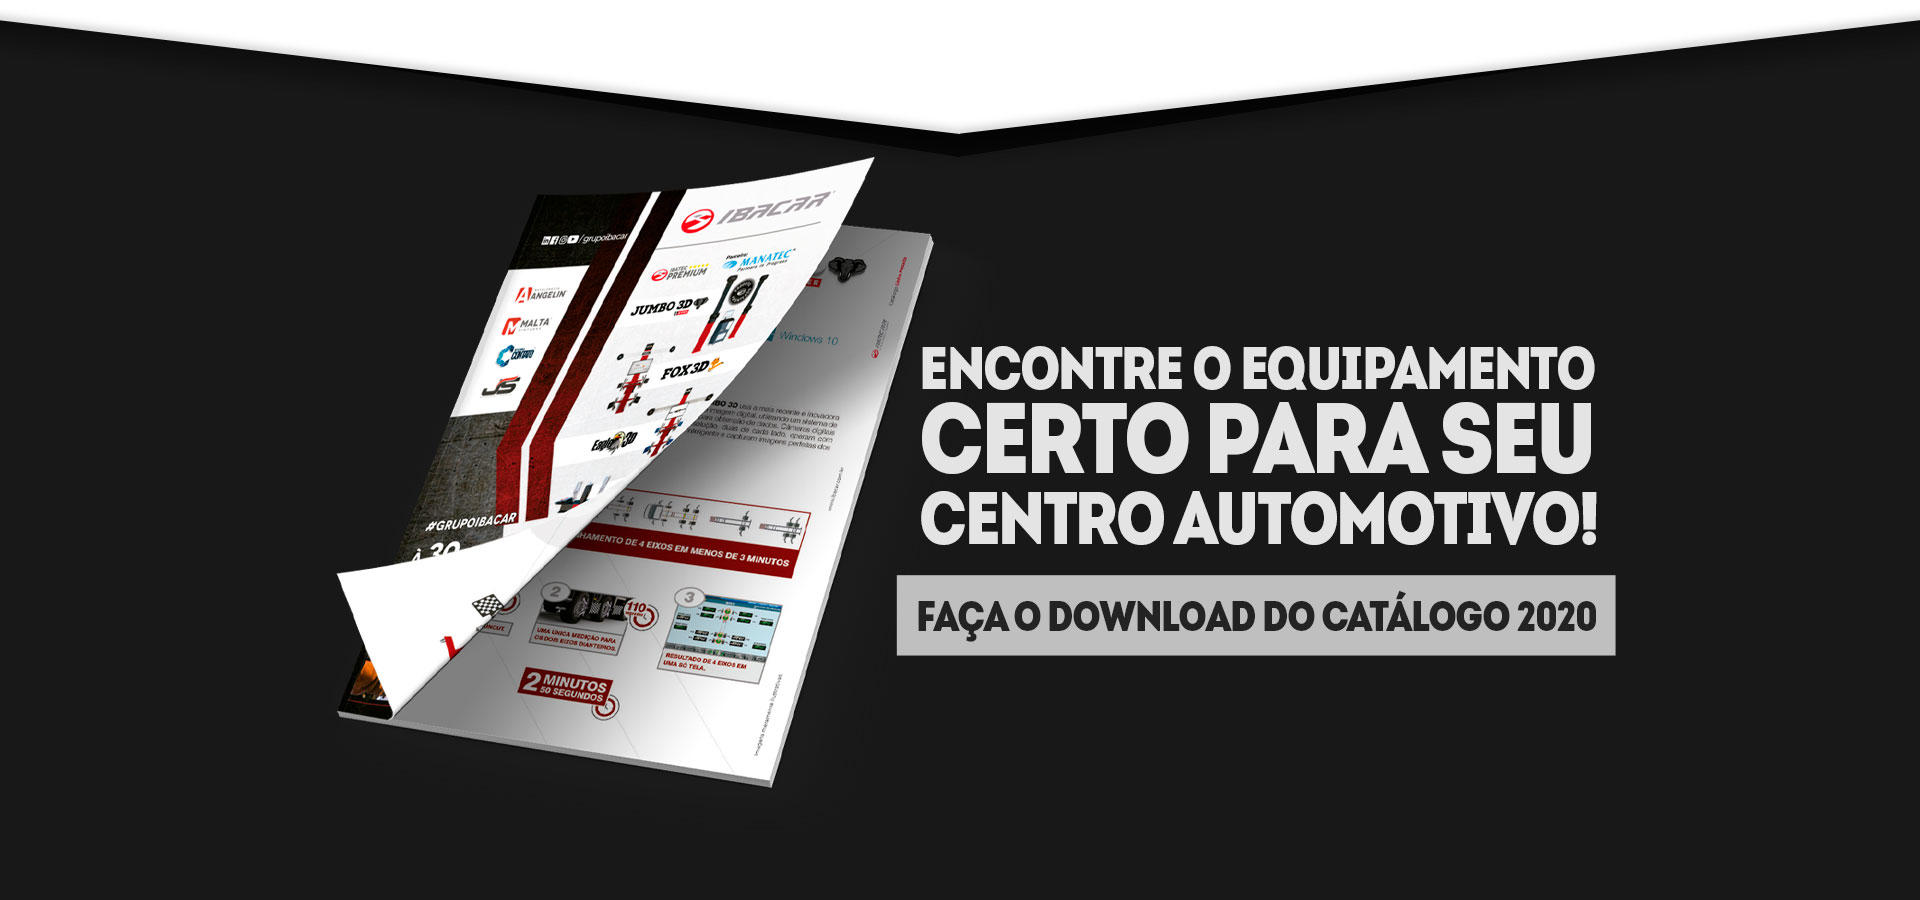 imagem_catalogo_2020-ok